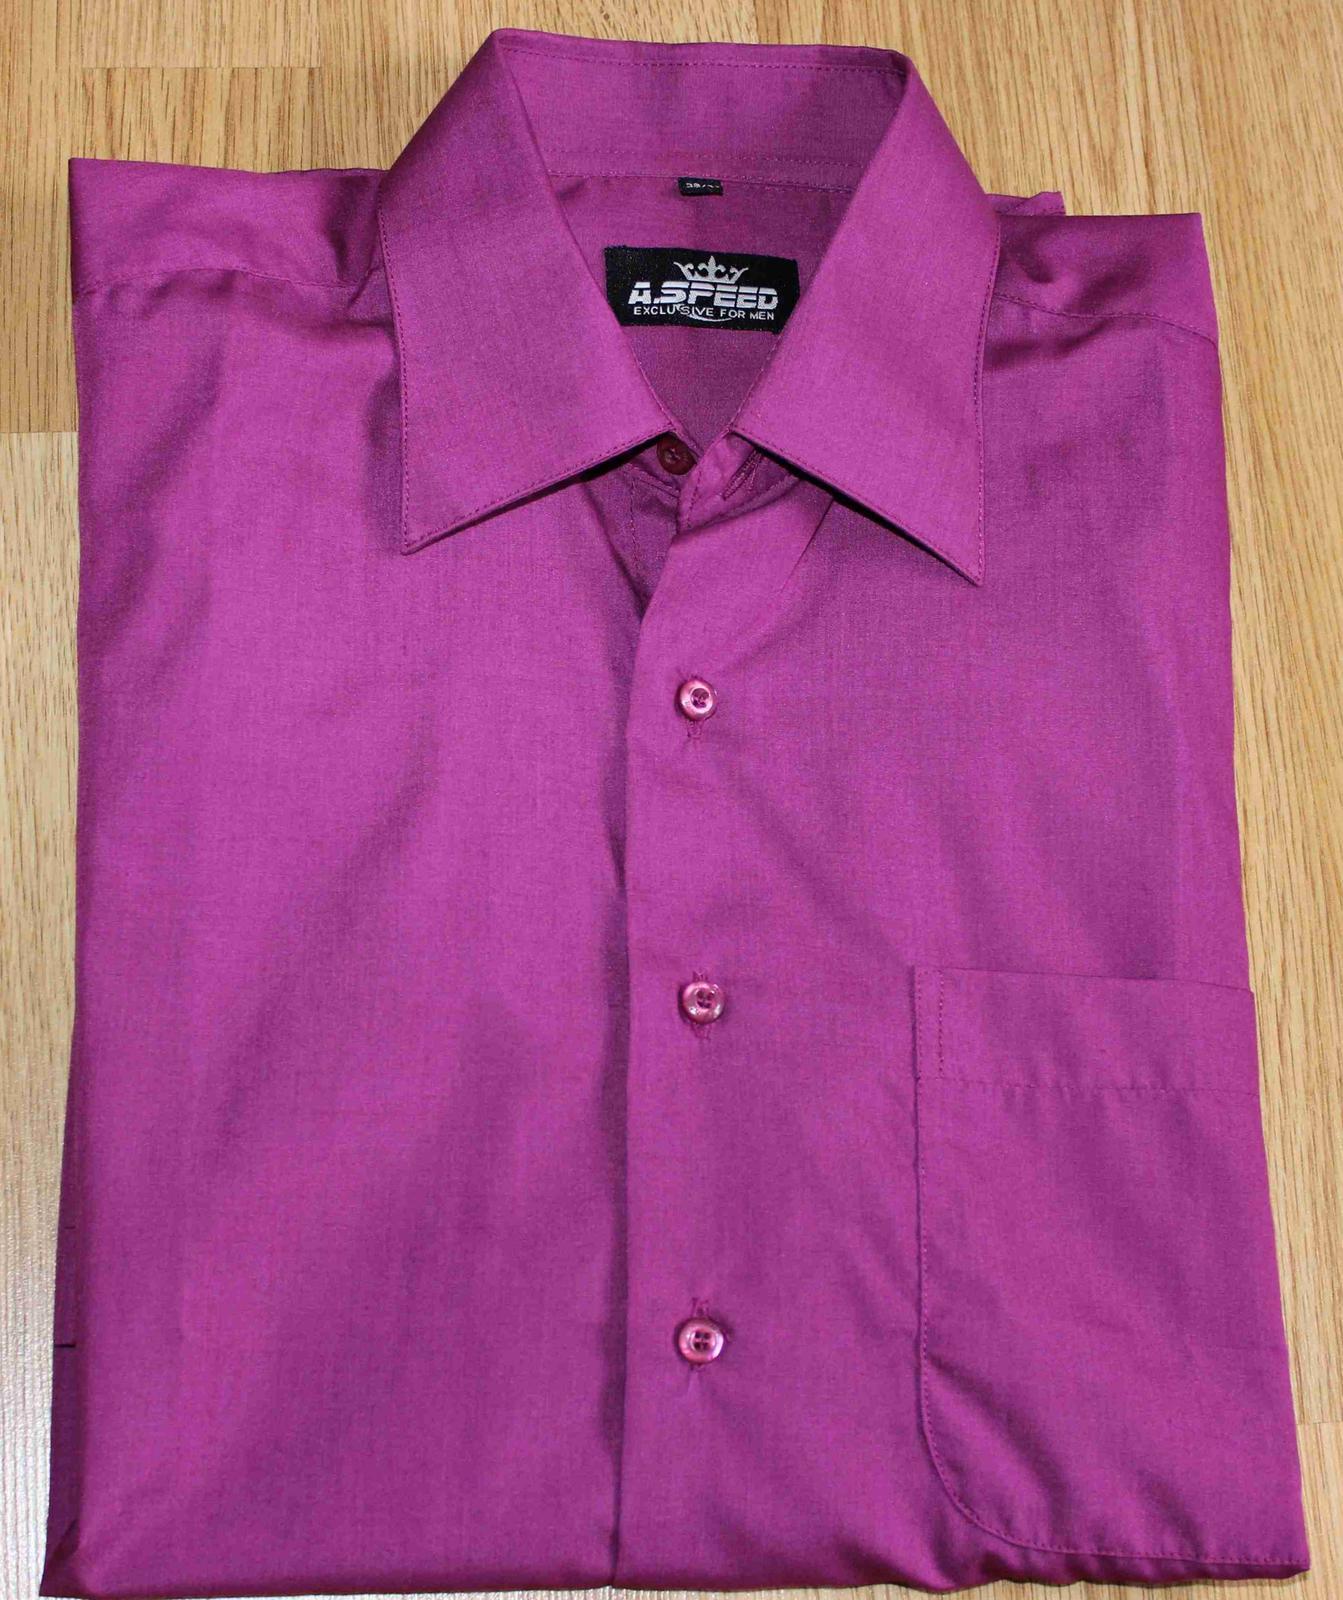 Pánska košeľa, nenosená - Obrázok č. 1